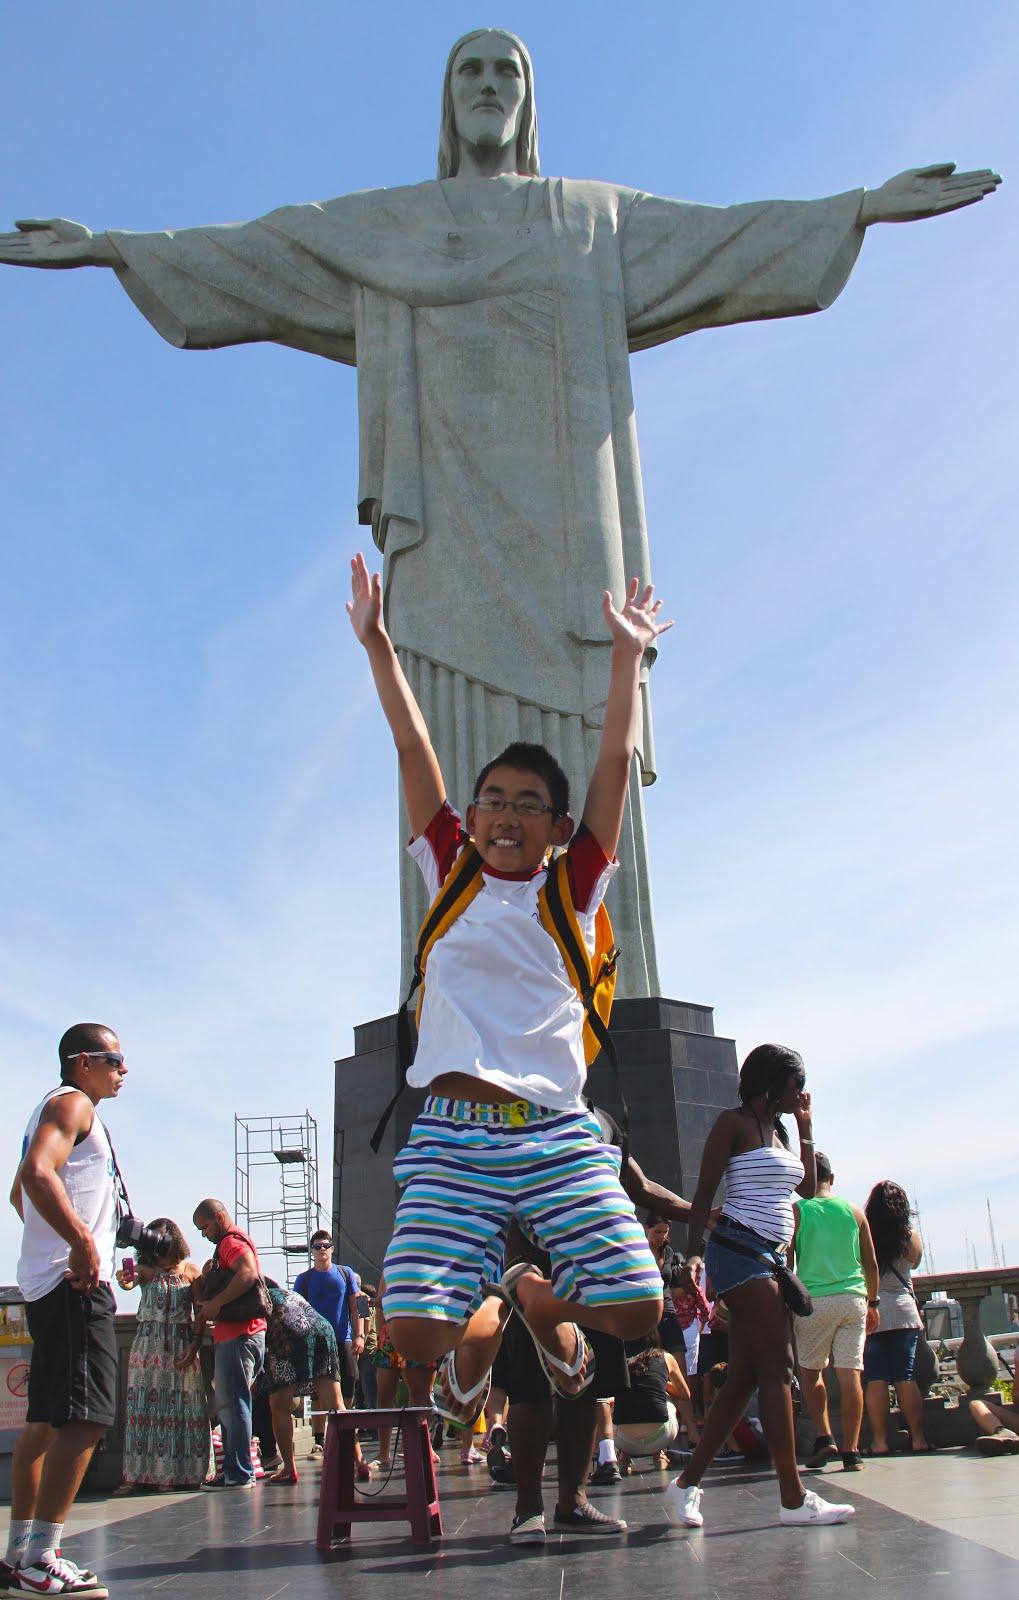 Rio !!